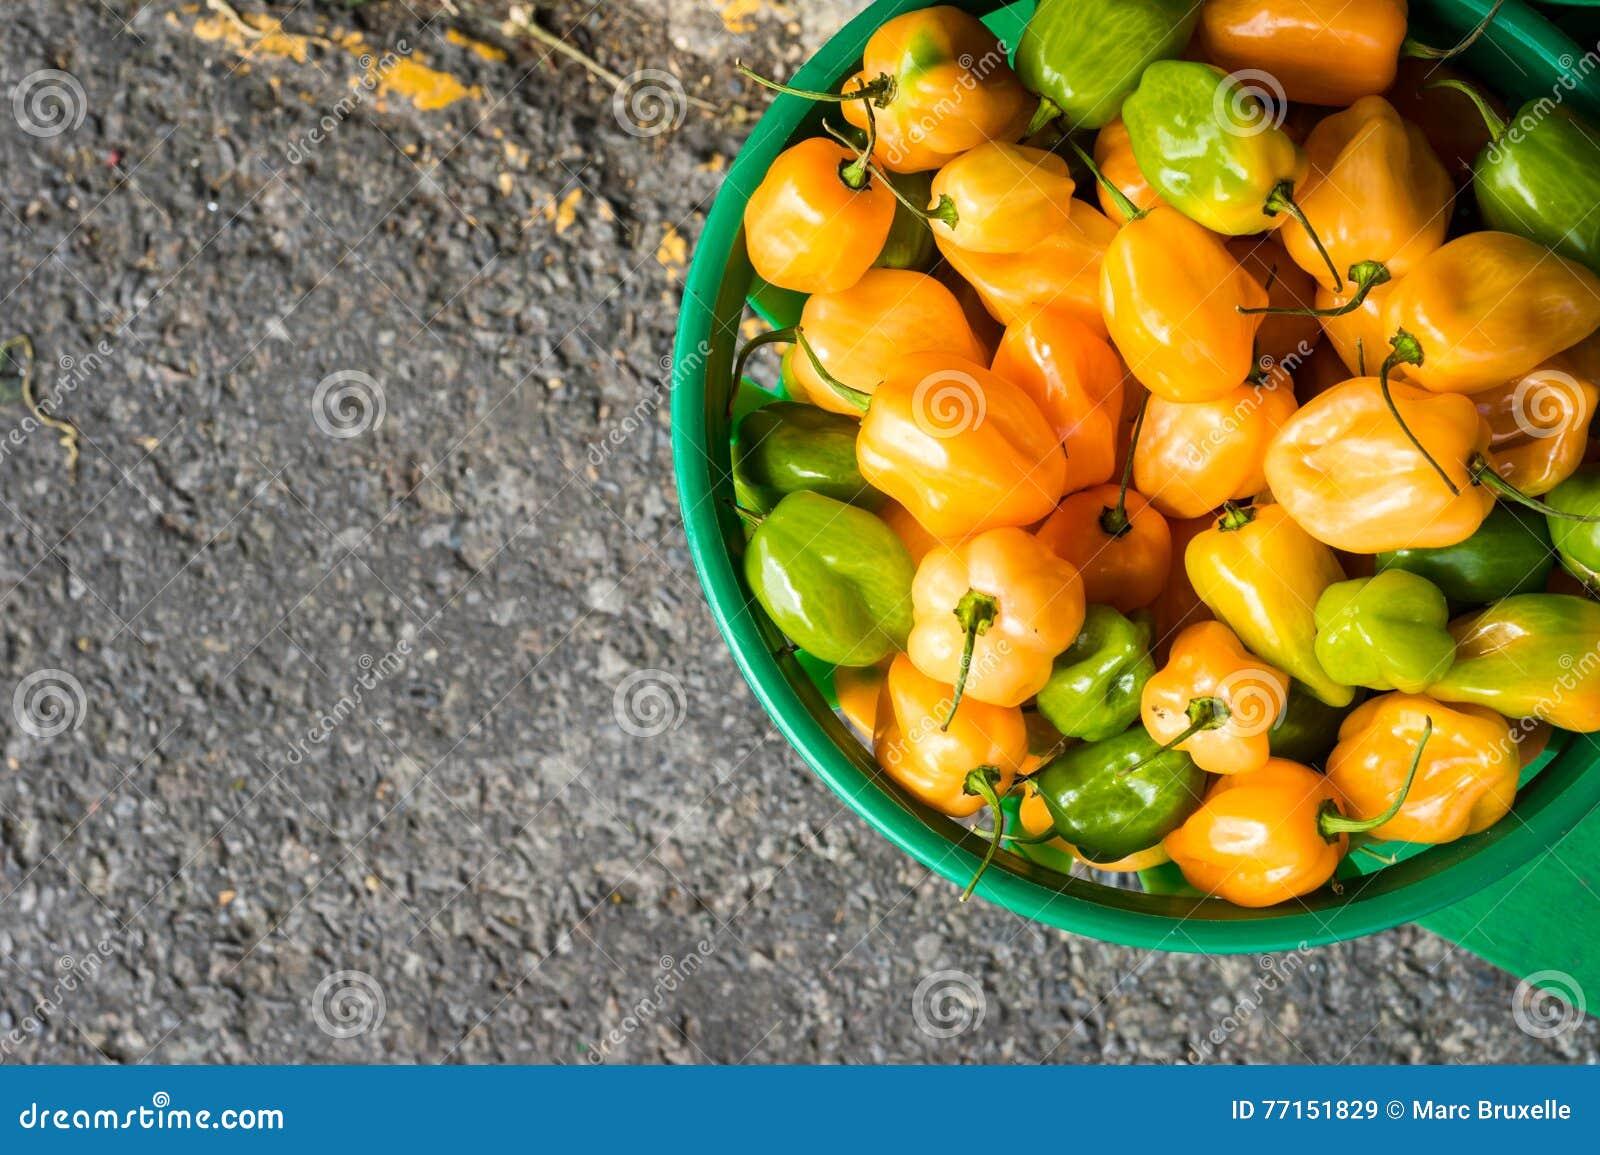 Mini paprikas verts et jaunes